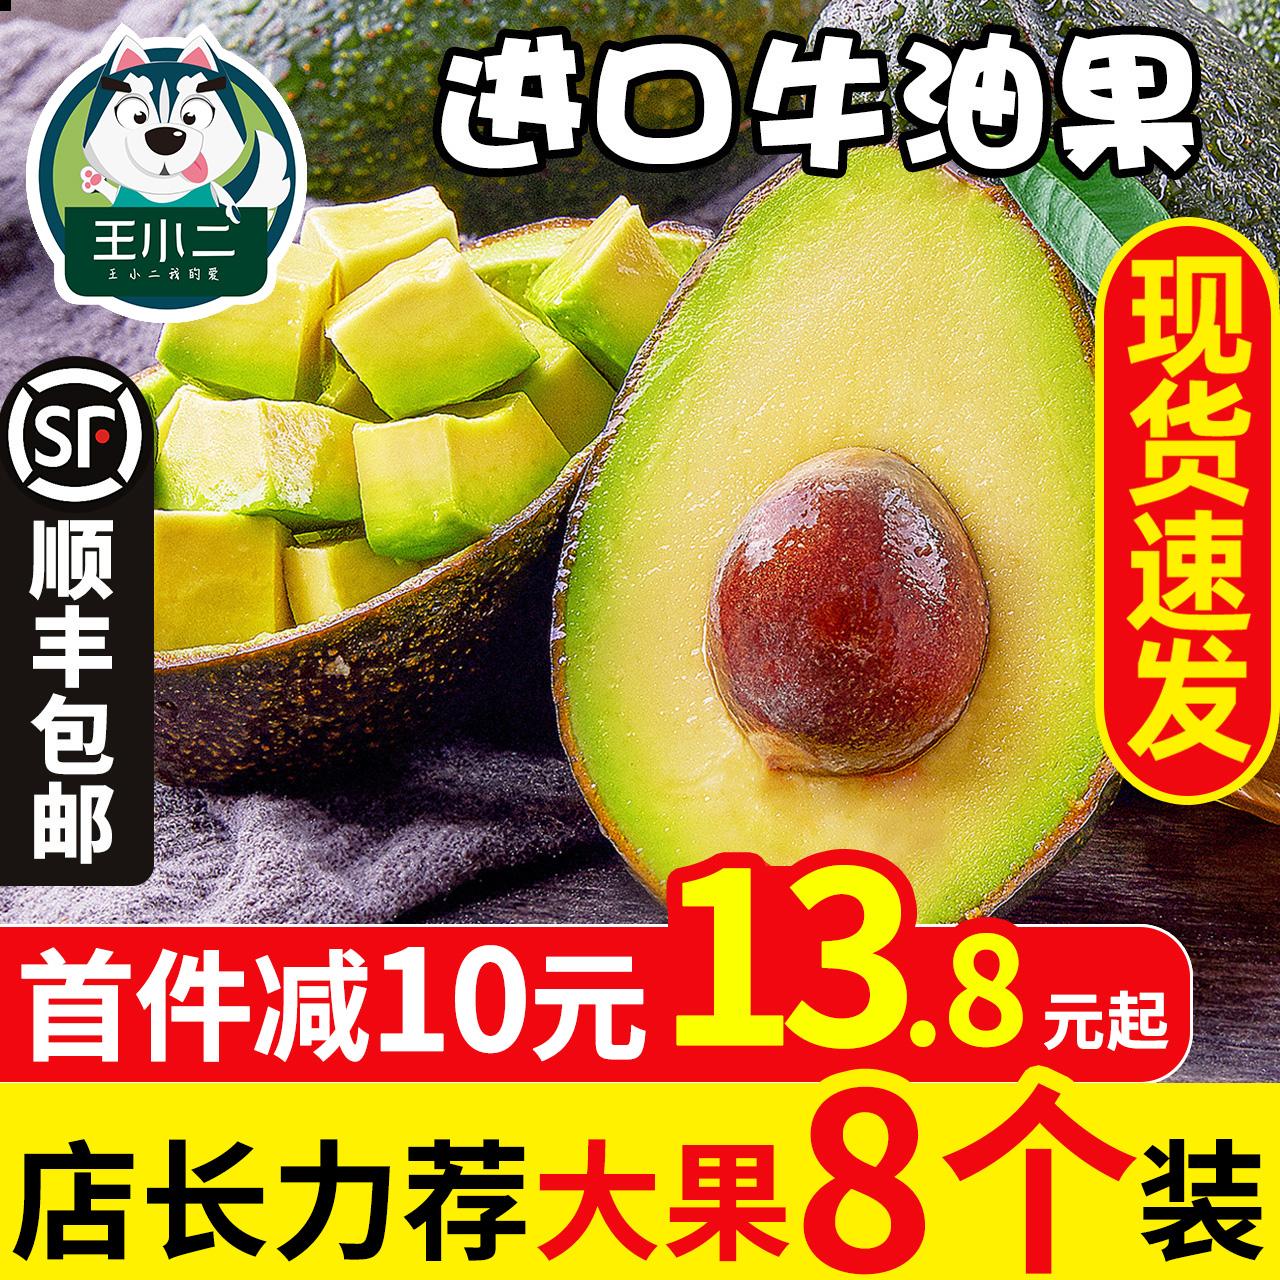 王小二 墨西哥进口牛油果大果新鲜水果批发包邮当季应季鳄梨香甜图片